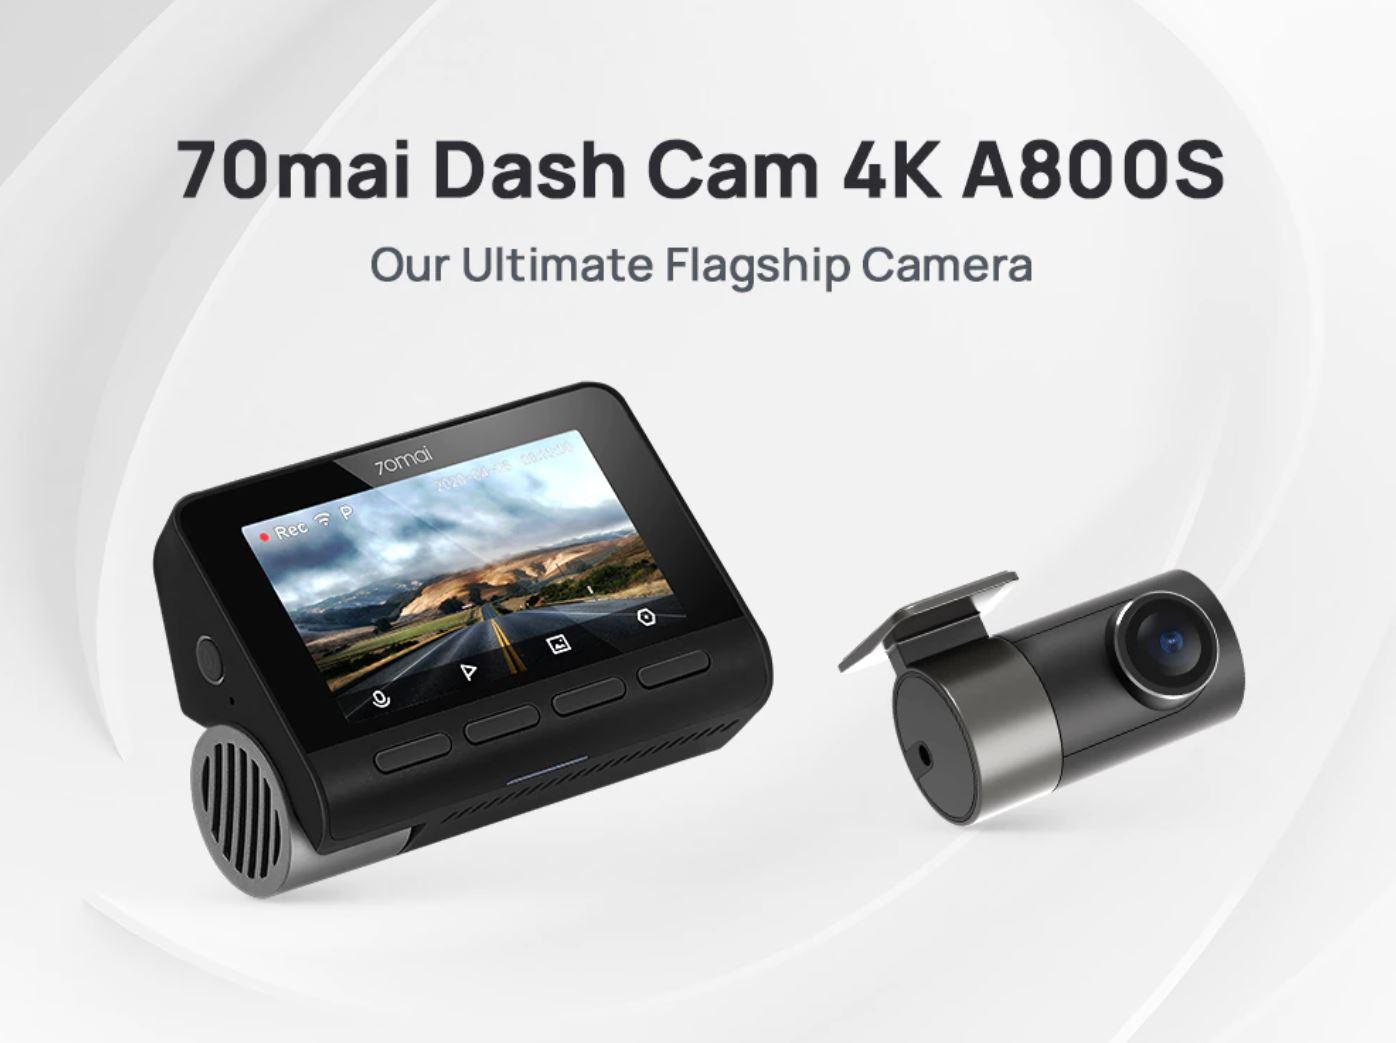 Dzień Ojca z Aliexpress - pomysły na prezent dla faceta - kamera samochodowa 70mai Dash Cam 4K A800S